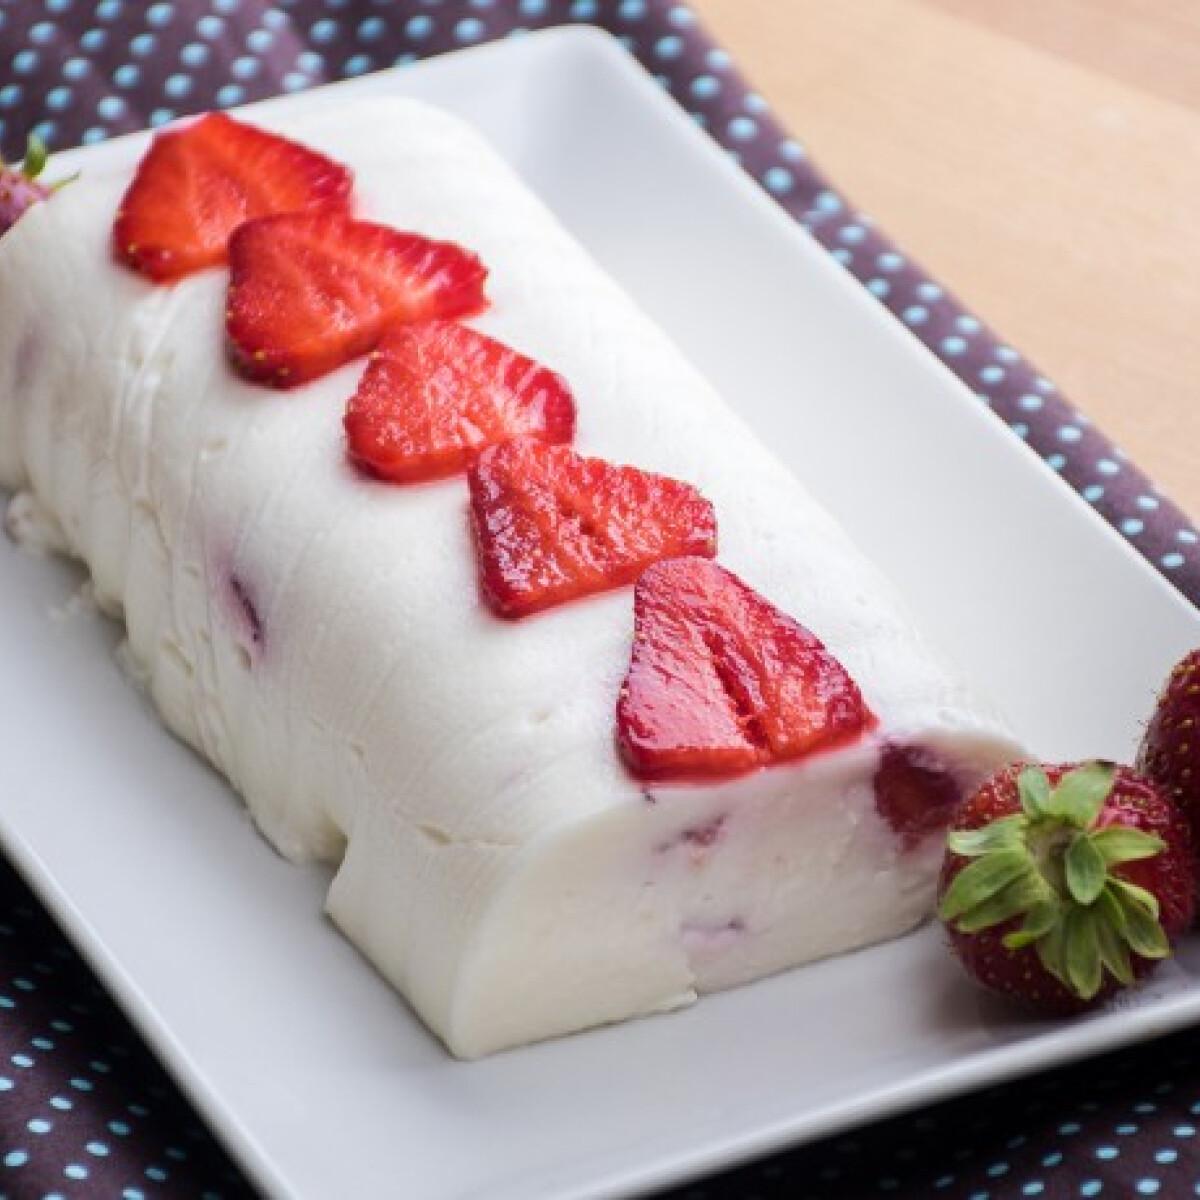 Ezen a képen: Joghurttorta (bármilyen gyümölccsel elkészíthető)